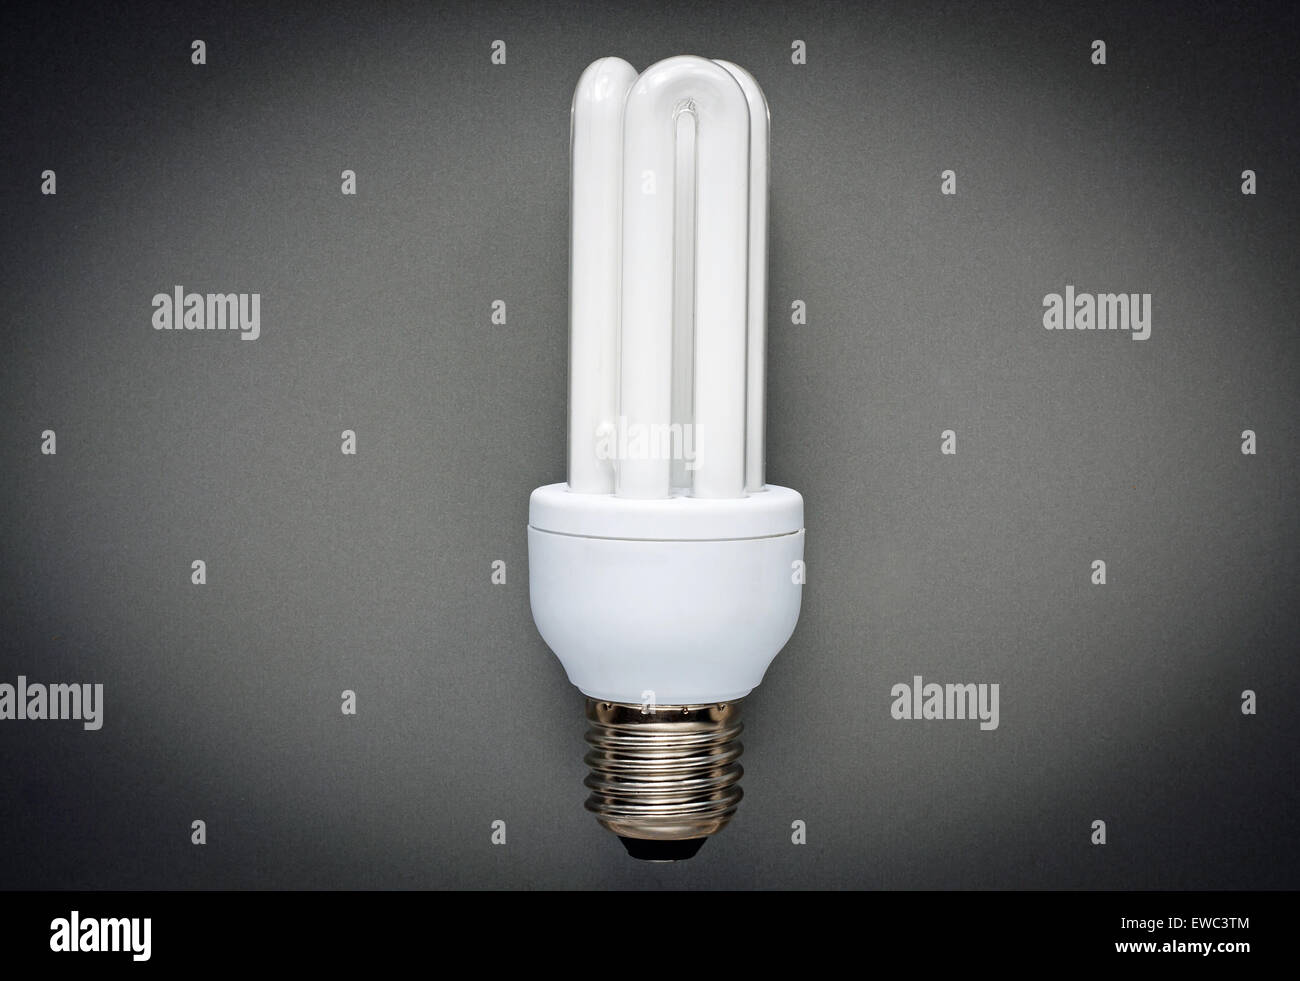 Energiesparlampe auf grauem Hintergrund Stockbild